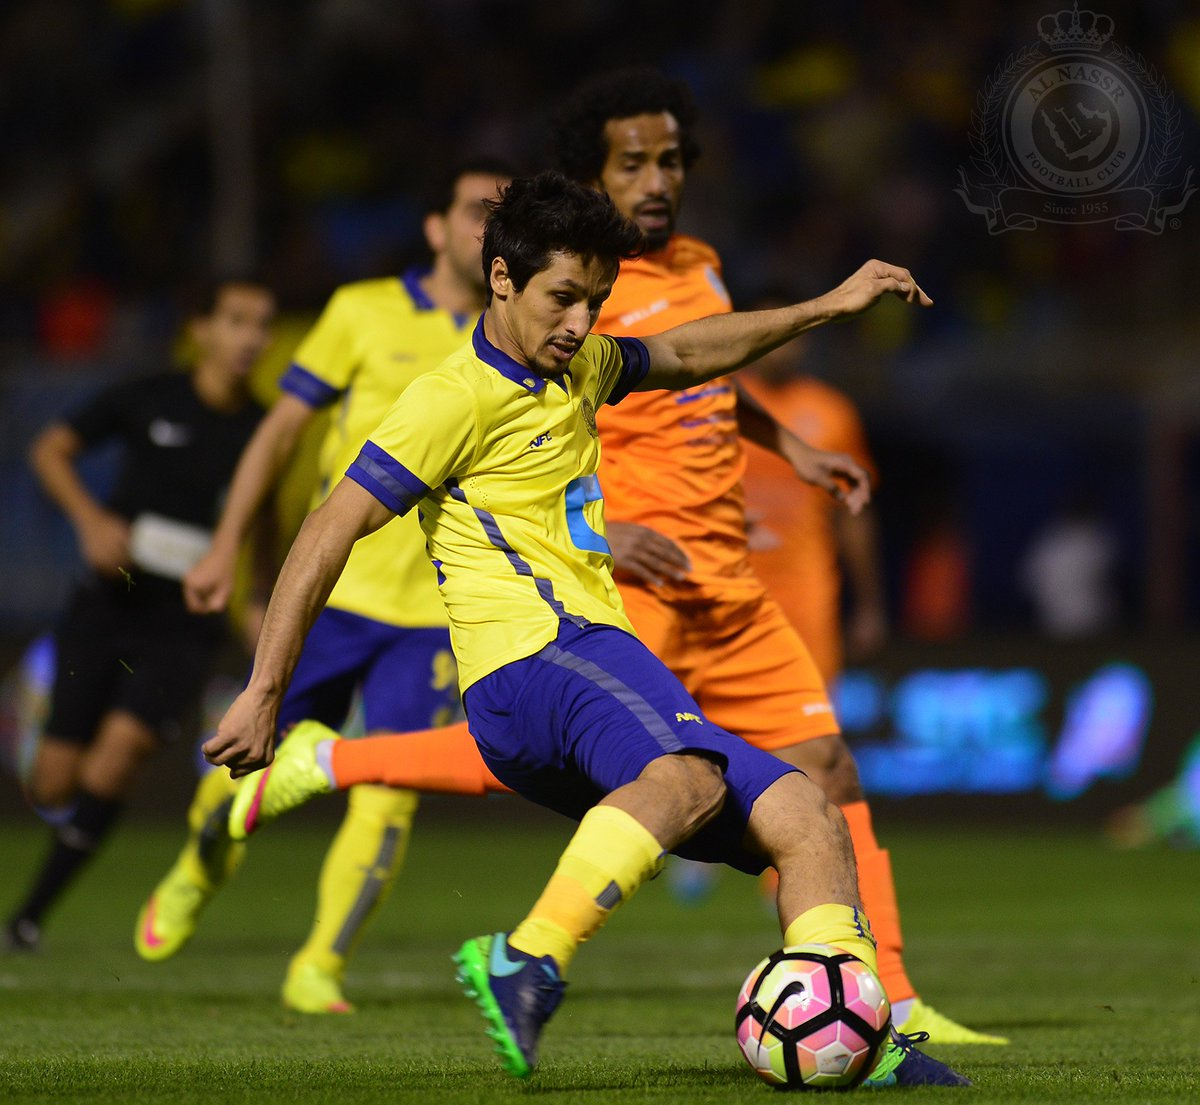 صــور من مباراة #النصر_الفيحاء  3-10 #NFC https://t.co/XtqwPWD2GZ